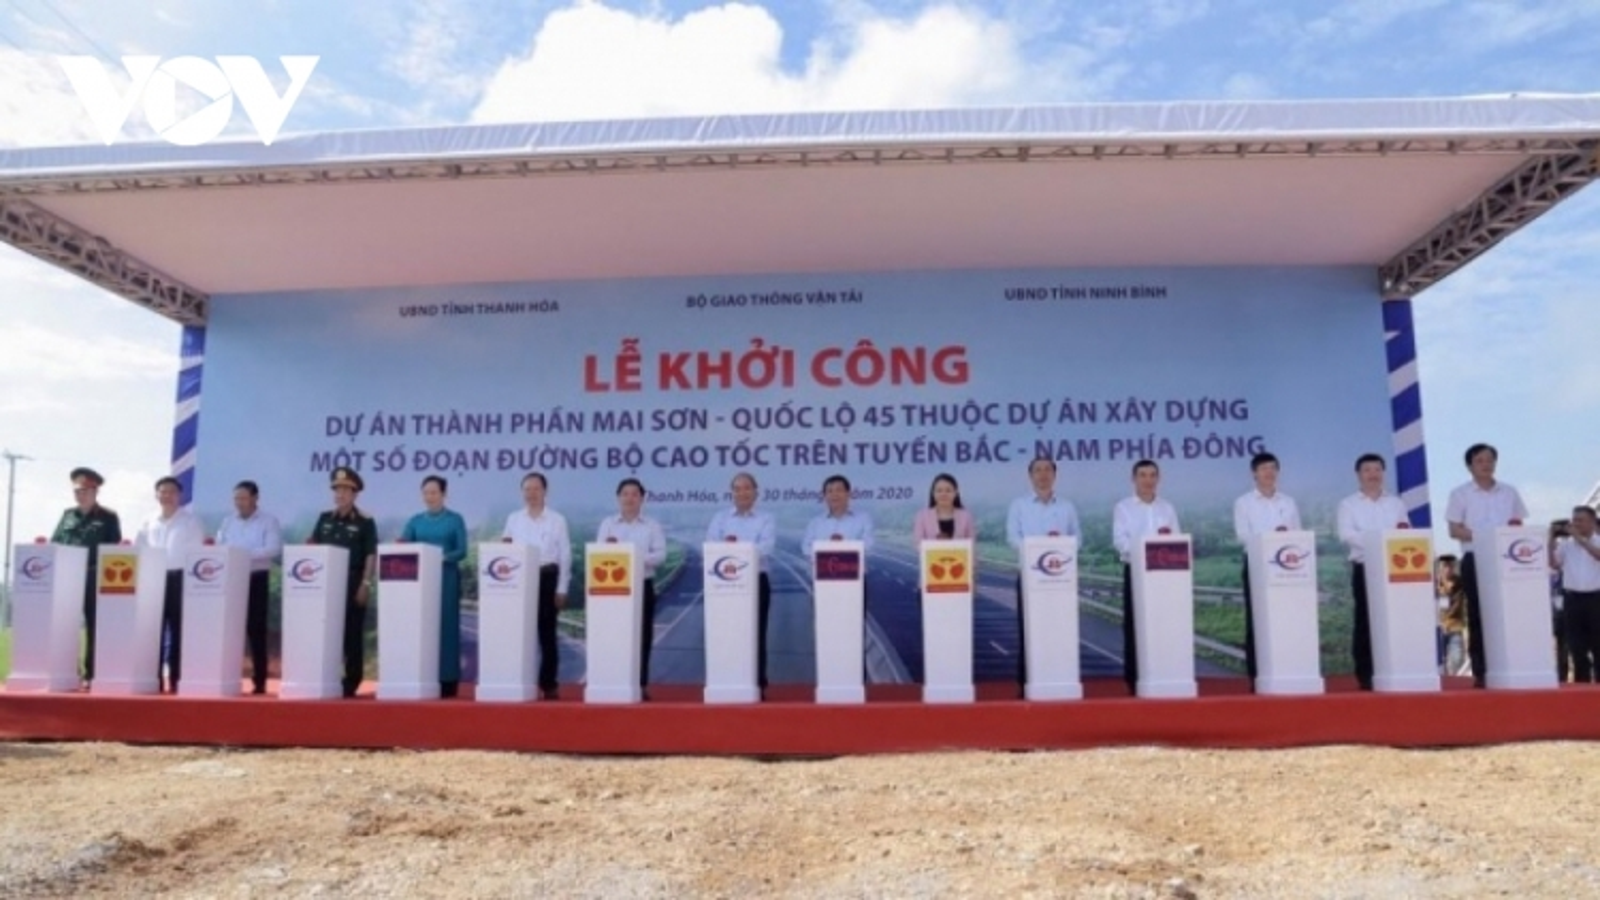 Sắp khởi công 2 dự án cuối cùng của cao tốc Bắc - Nam đoạn từ Thanh Hóa đến Nghệ An